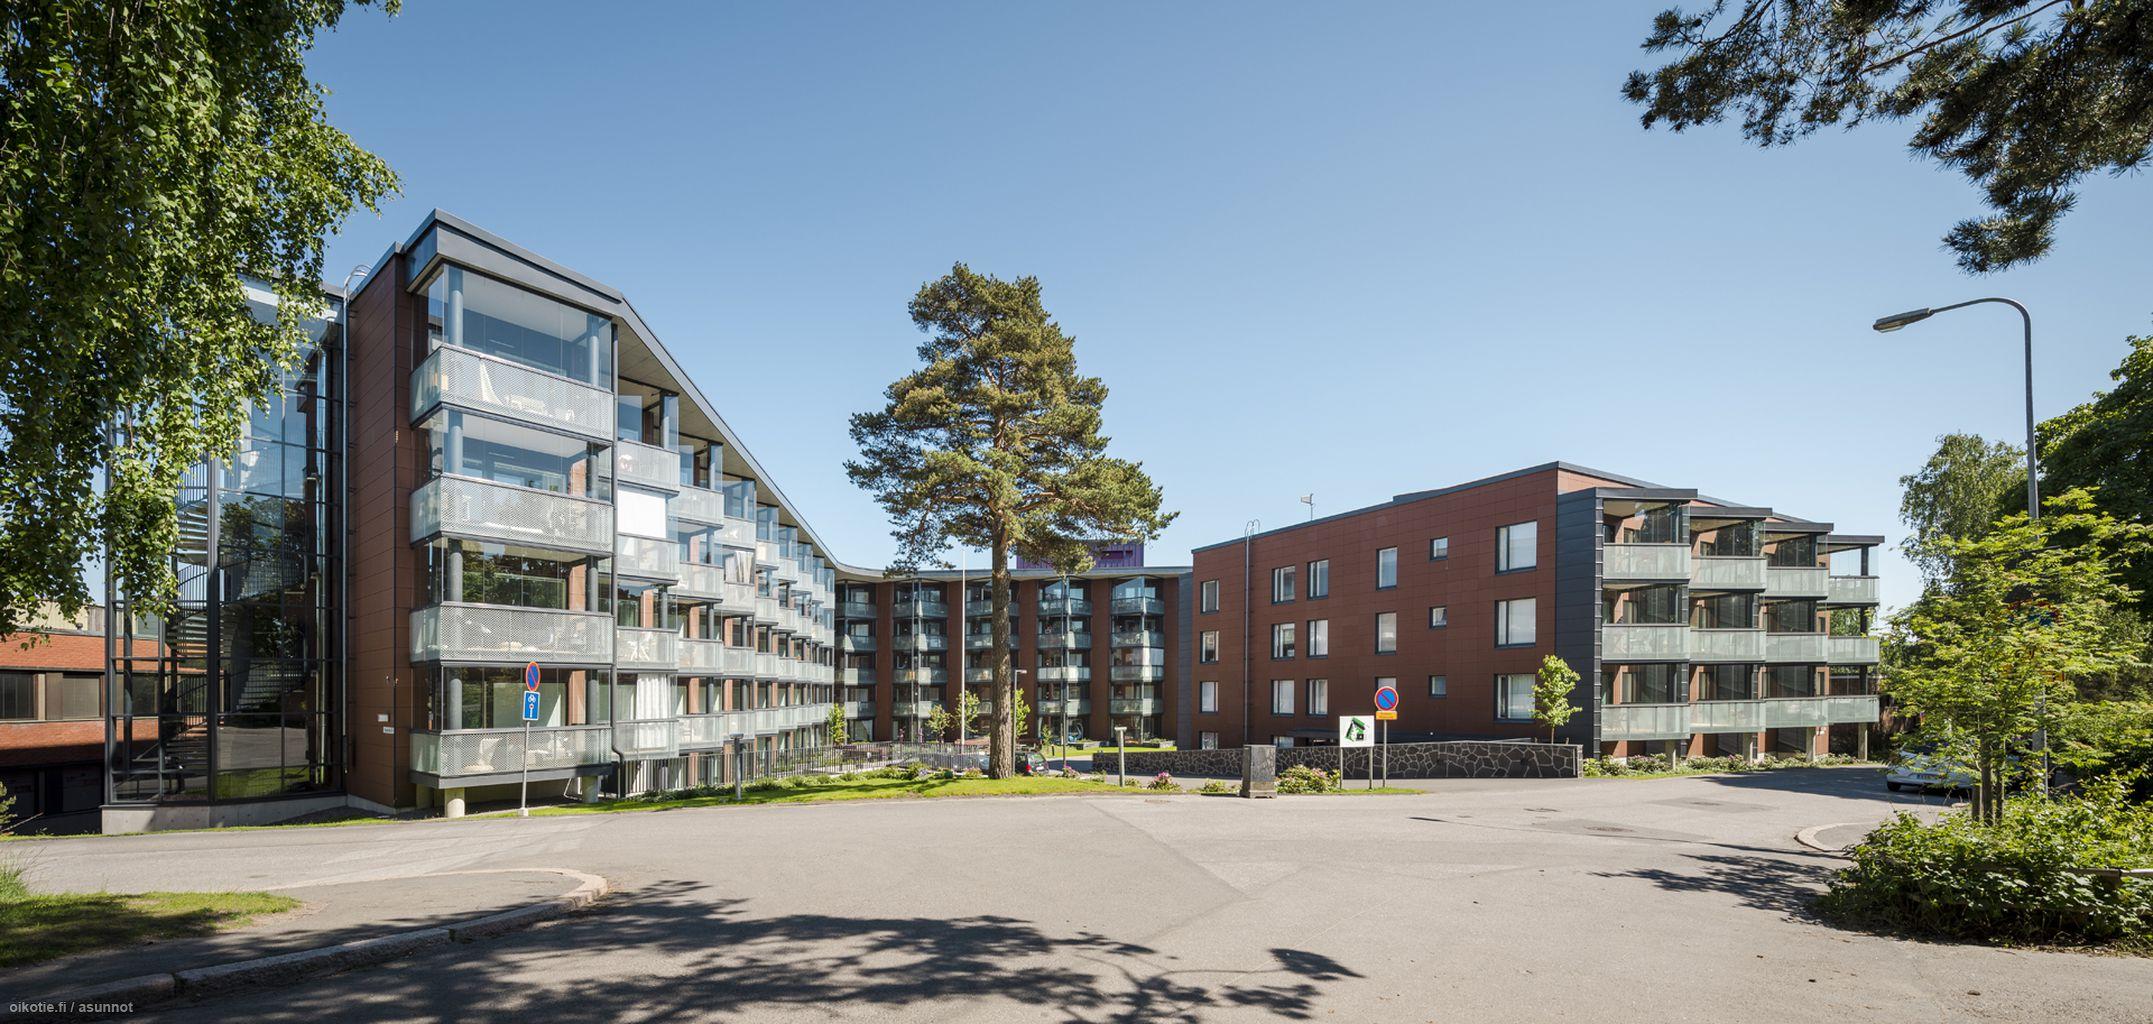 00320 Helsinki